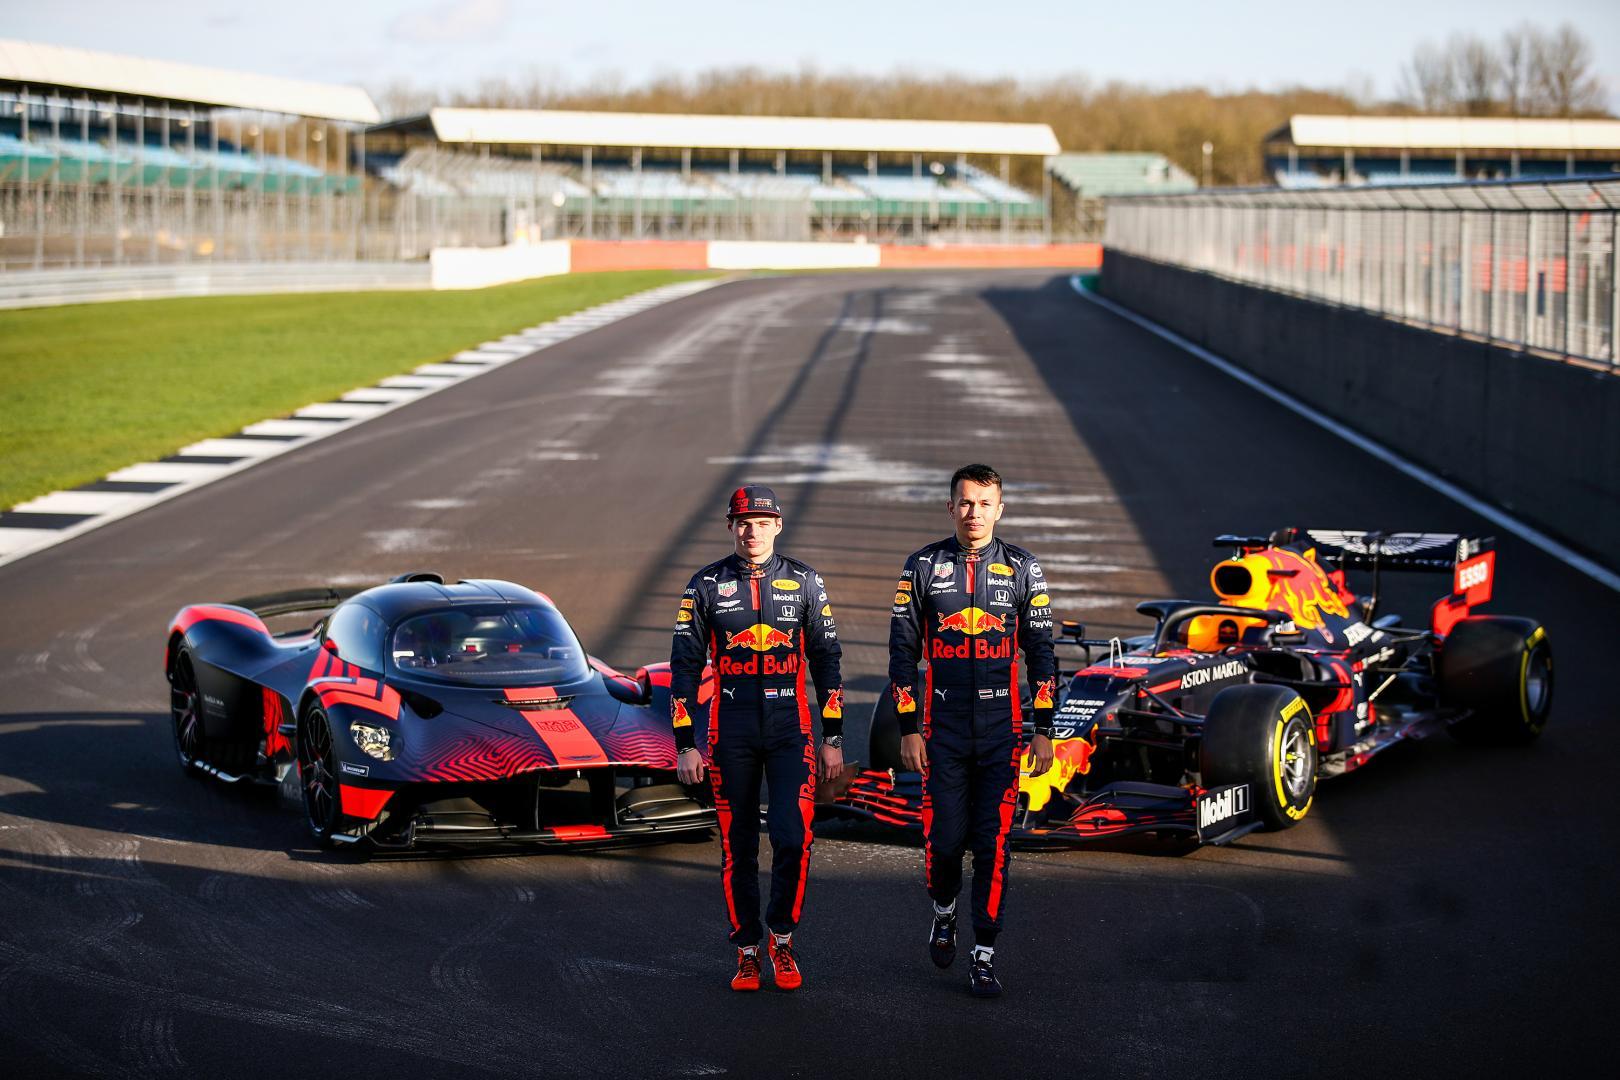 Aston Martin Valkyrie, Red Bull RB16, Max Verstappen, Alexander Albon